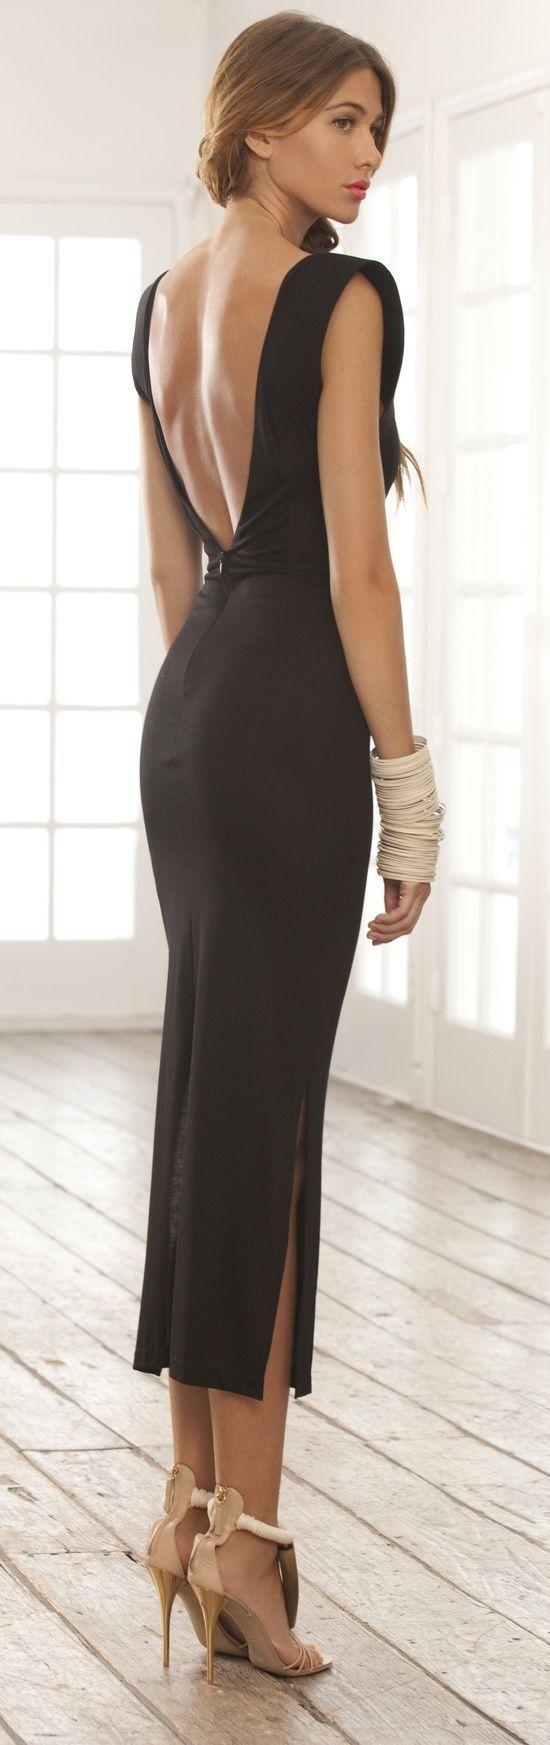 @roressclothes clothing ideas #women fashion maxi elegant black cocktail dress